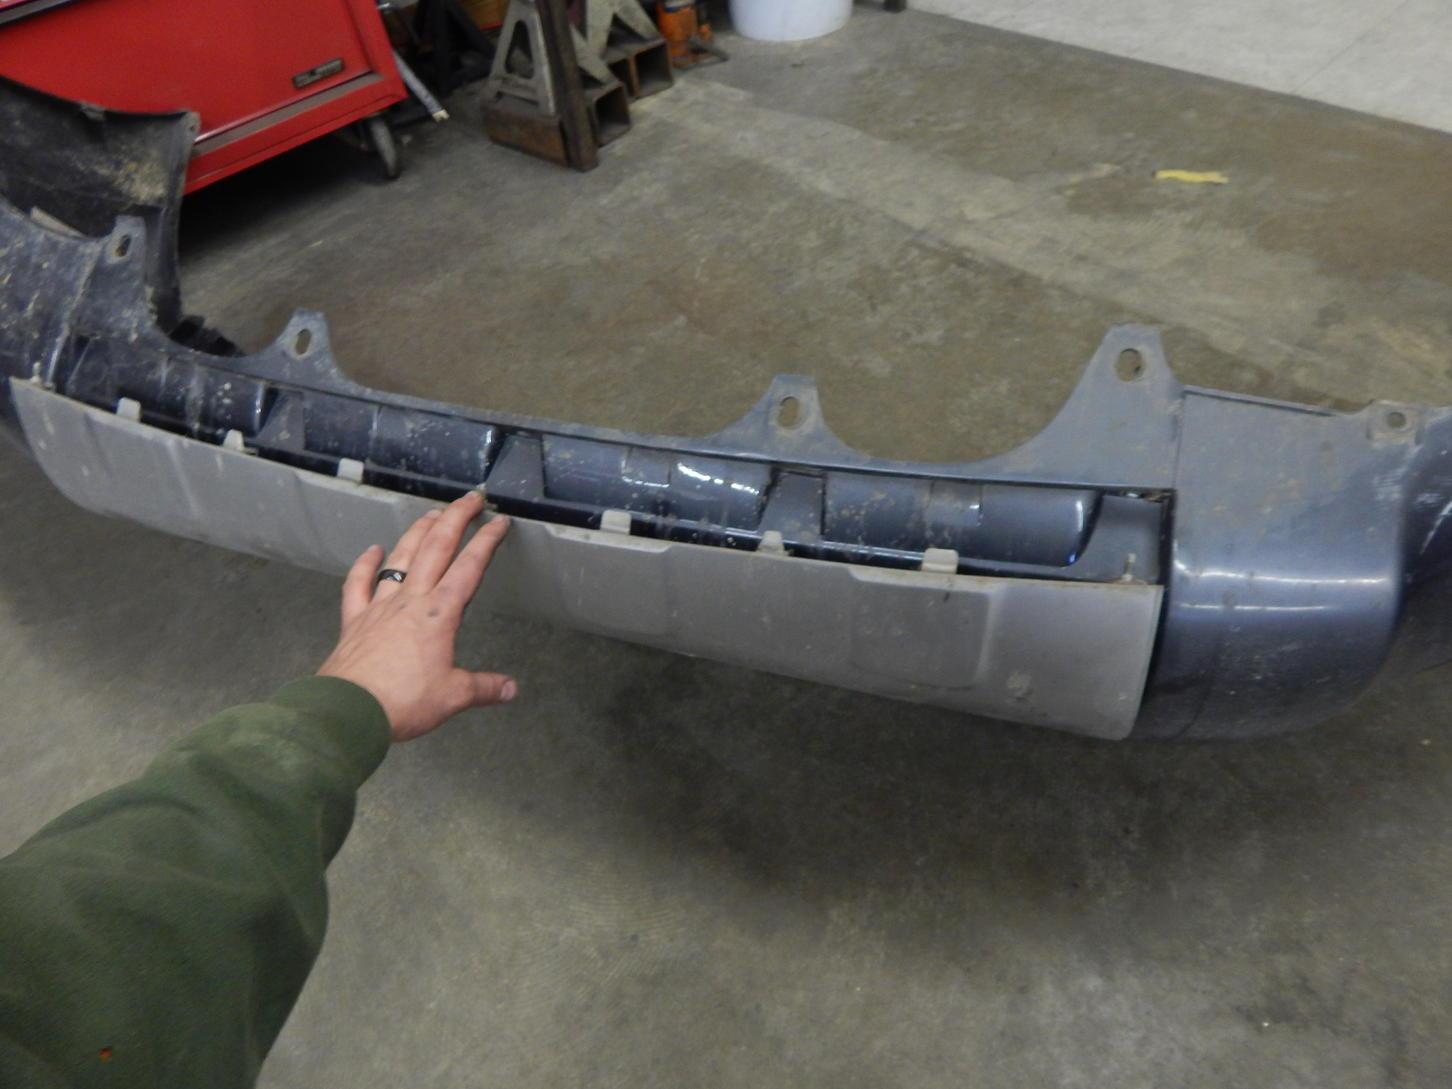 C4 FAB early 4th gen (03-05) Lo-Pro winch bumper install guide.-dscn4456-jpg